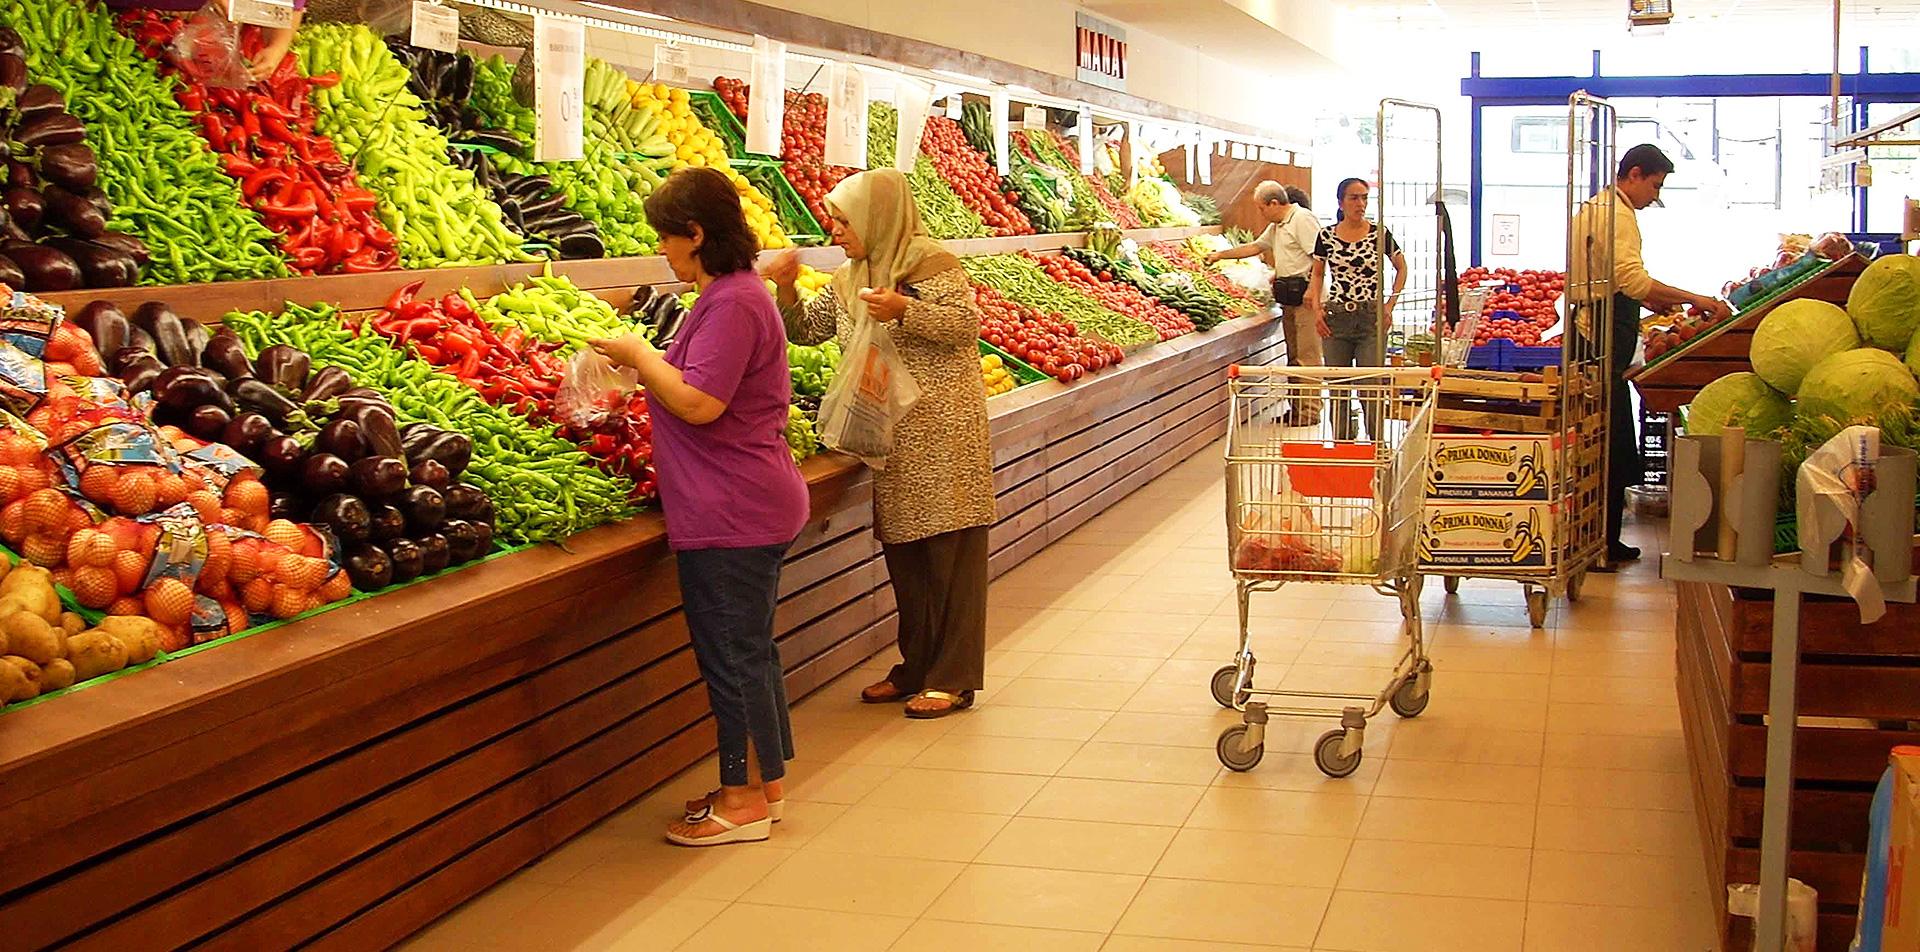 Rüyada Market Görmek Ve Market Alışverişi Yapmak